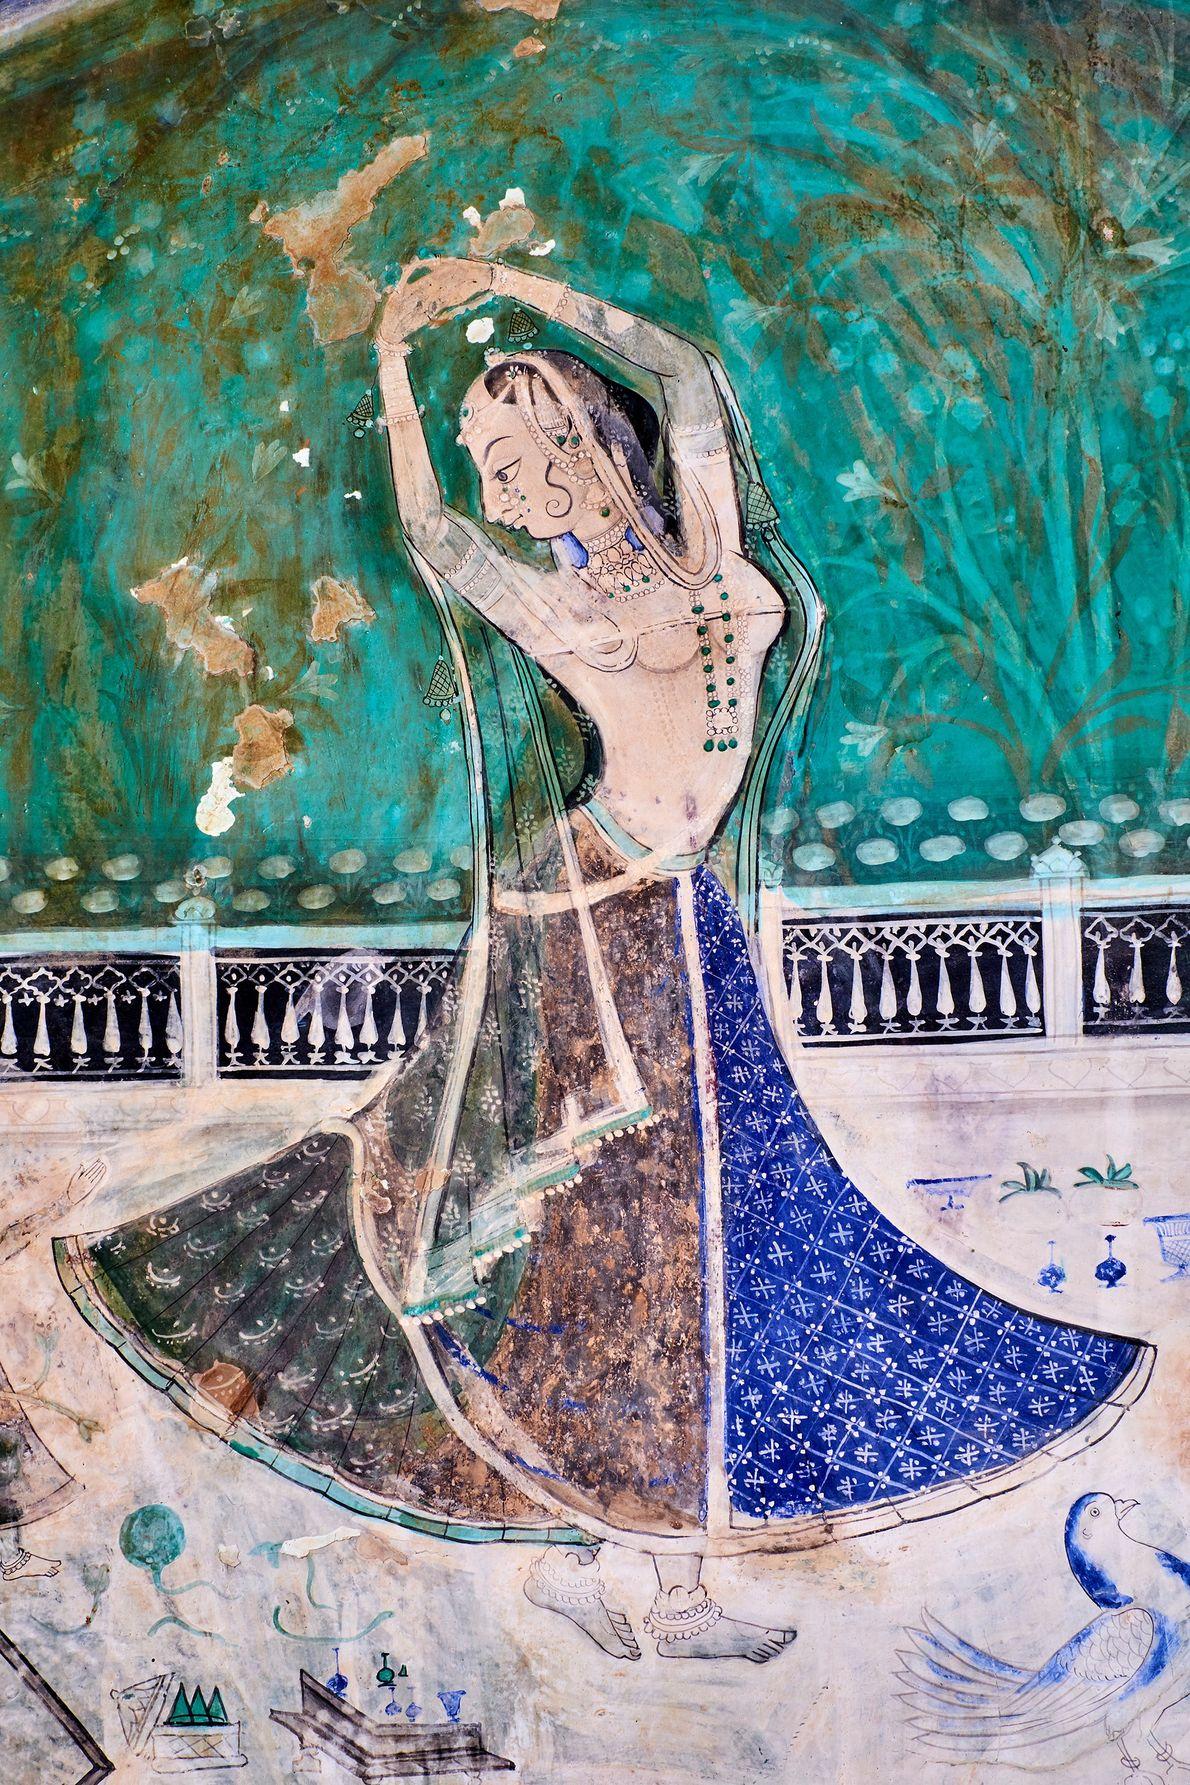 Dentro del Garh Palace de Rajasthan, las paredes de la sección de Chitrashala están adornadas con ...